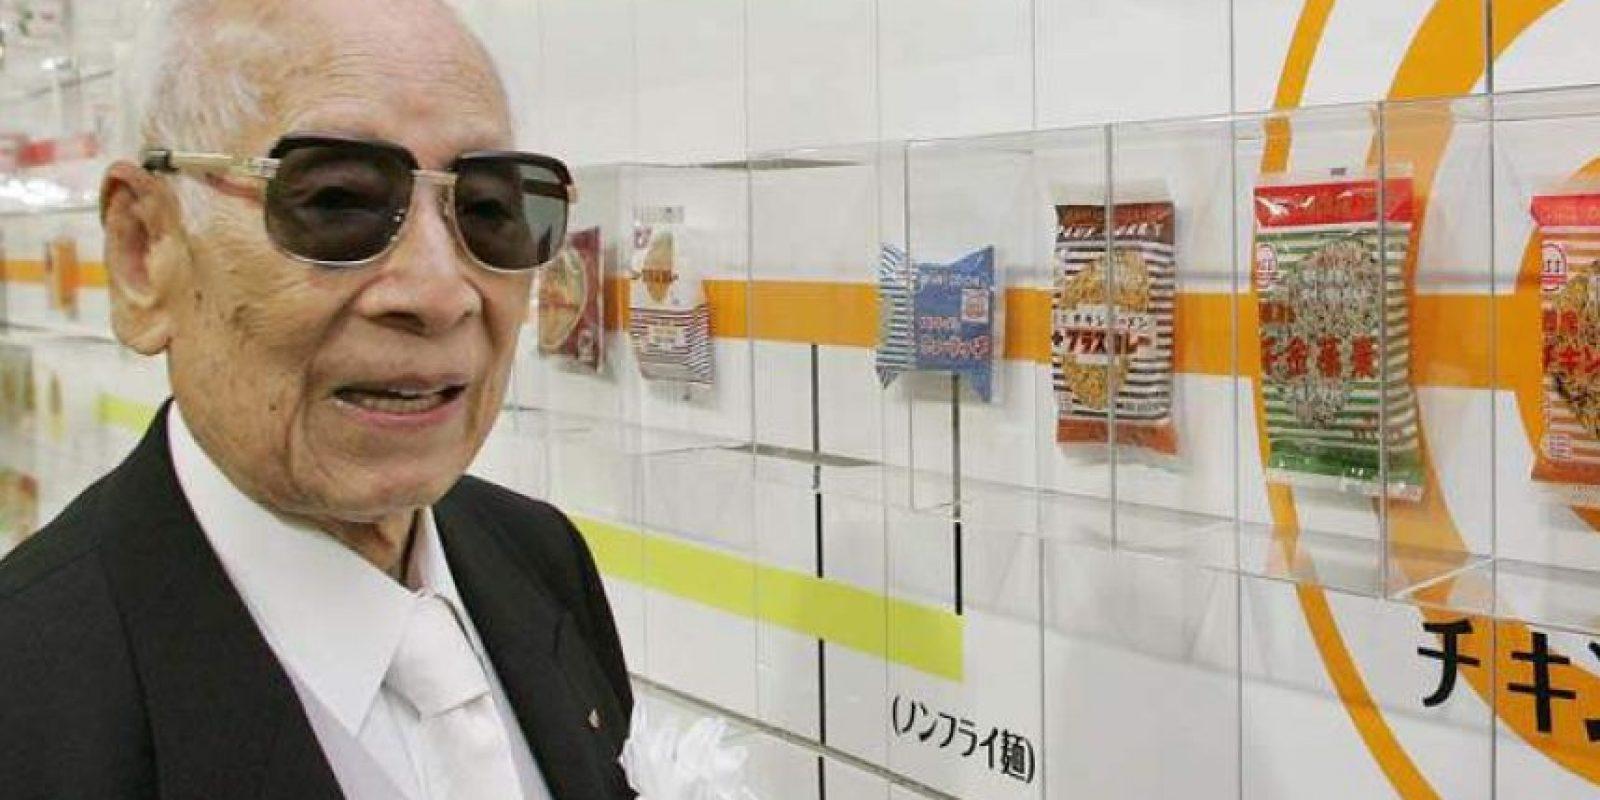 Ando nació el 5 de marzo de 1910 en Taiwán, cuando era un colonia japonesa. Este jueves estaría cumpliendo 105 años. Falleció en enero de 2007 después de una insuficiencia cardíaca. Foto:Reproducción.